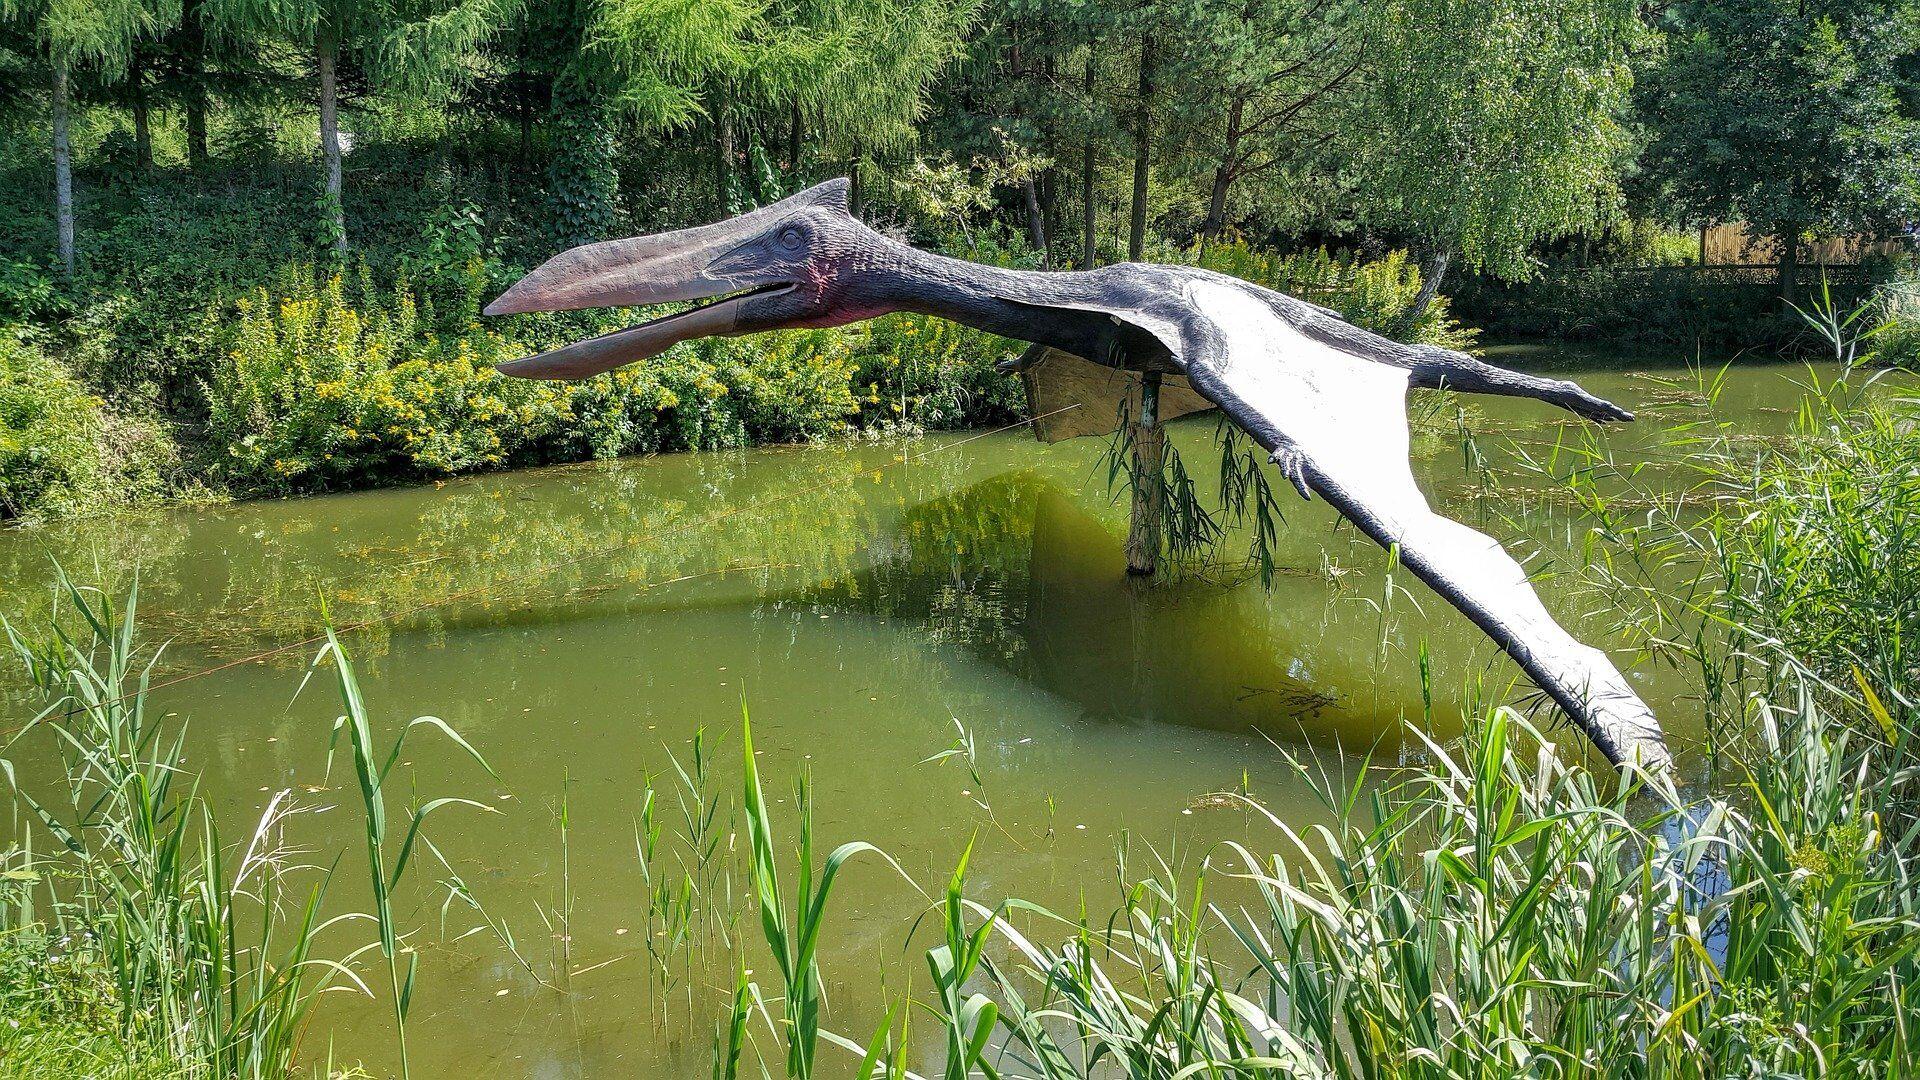 Pterosaurio - Sputnik Mundo, 1920, 23.07.2021